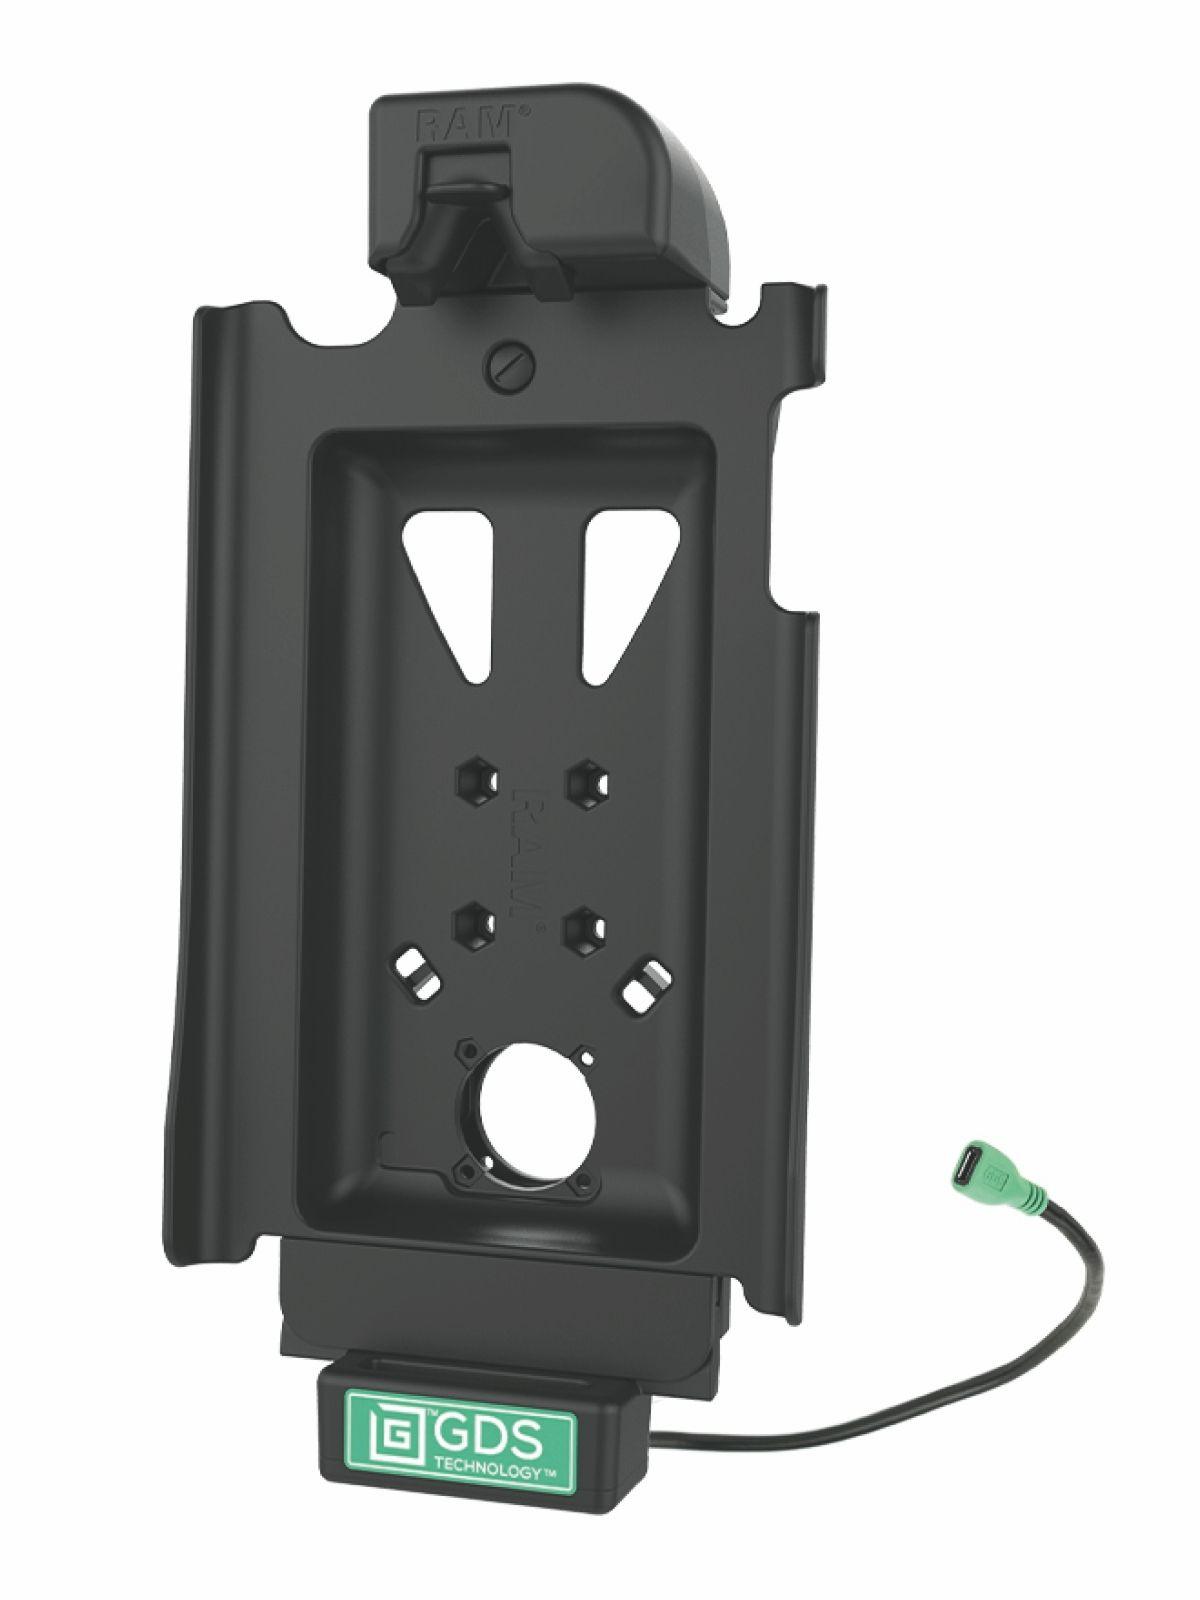 RAM Mounts GDS Tough-Dock Samsung Tab A 10.1 (SM-T510) in IntelliSkin-Lade-/Schutzhüllen - microUSB, 15 W Ausgang, AMPS-Anbindung